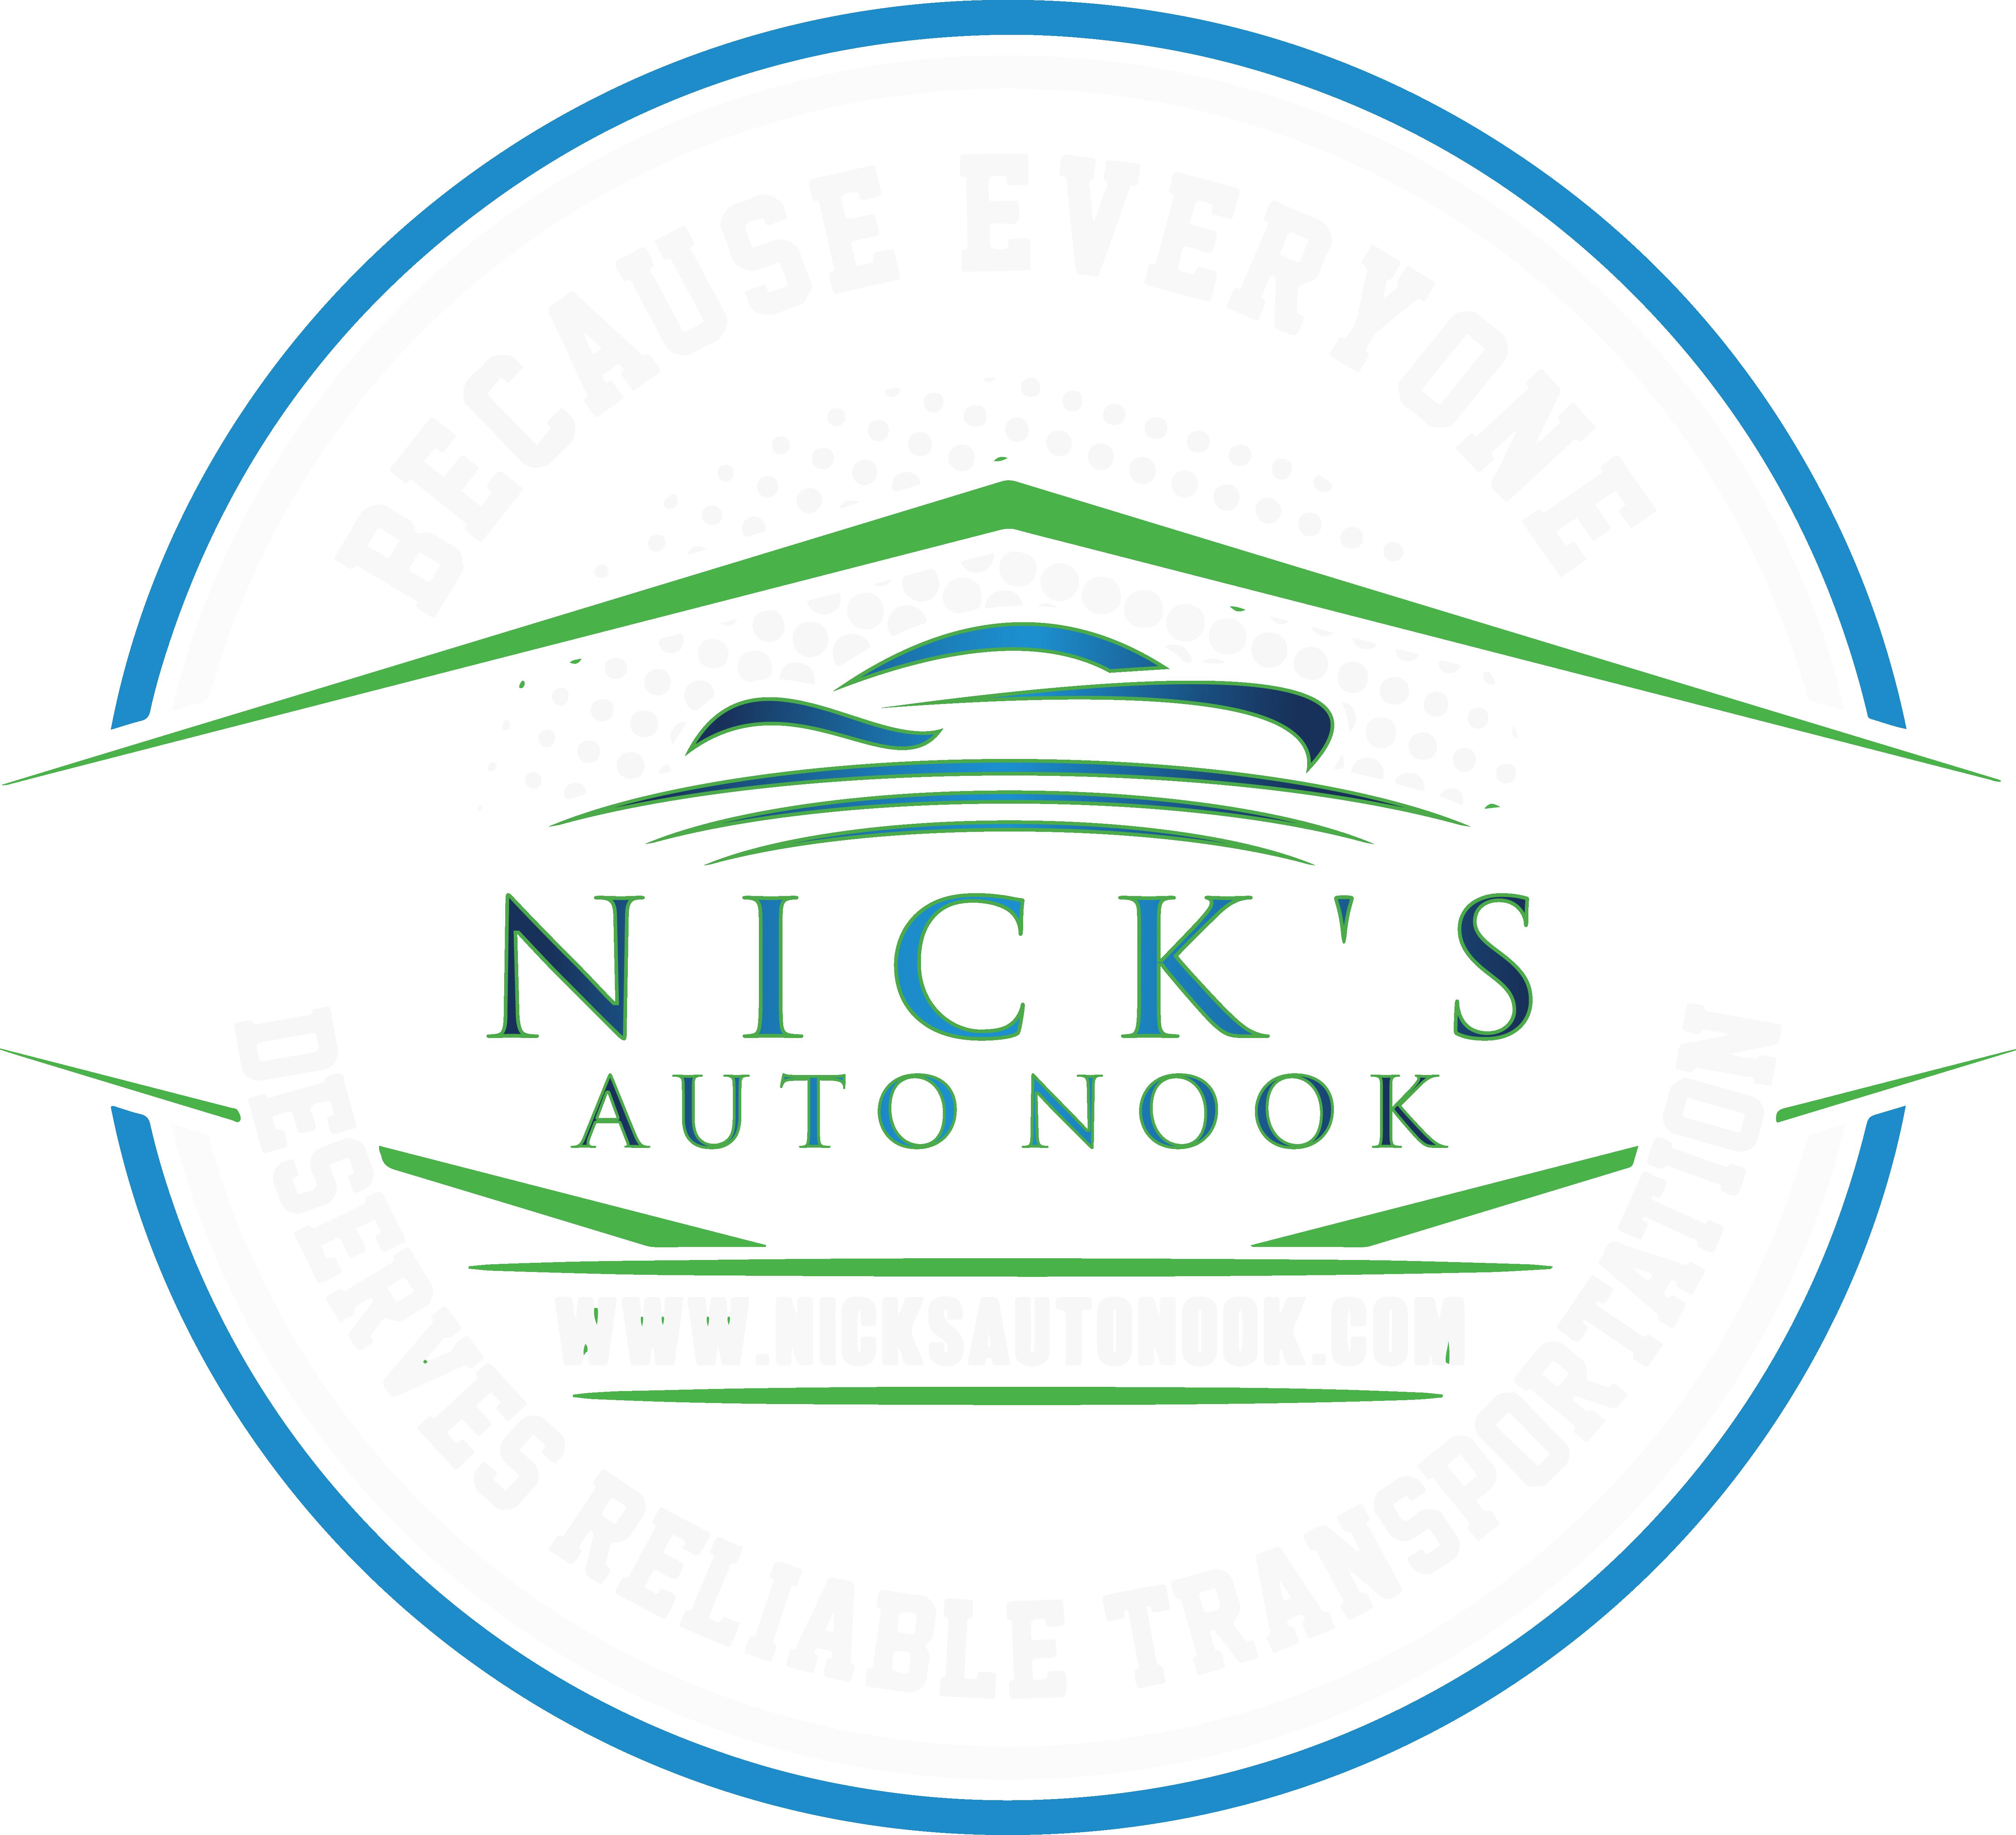 Nick's Auto Nook T-Shirt